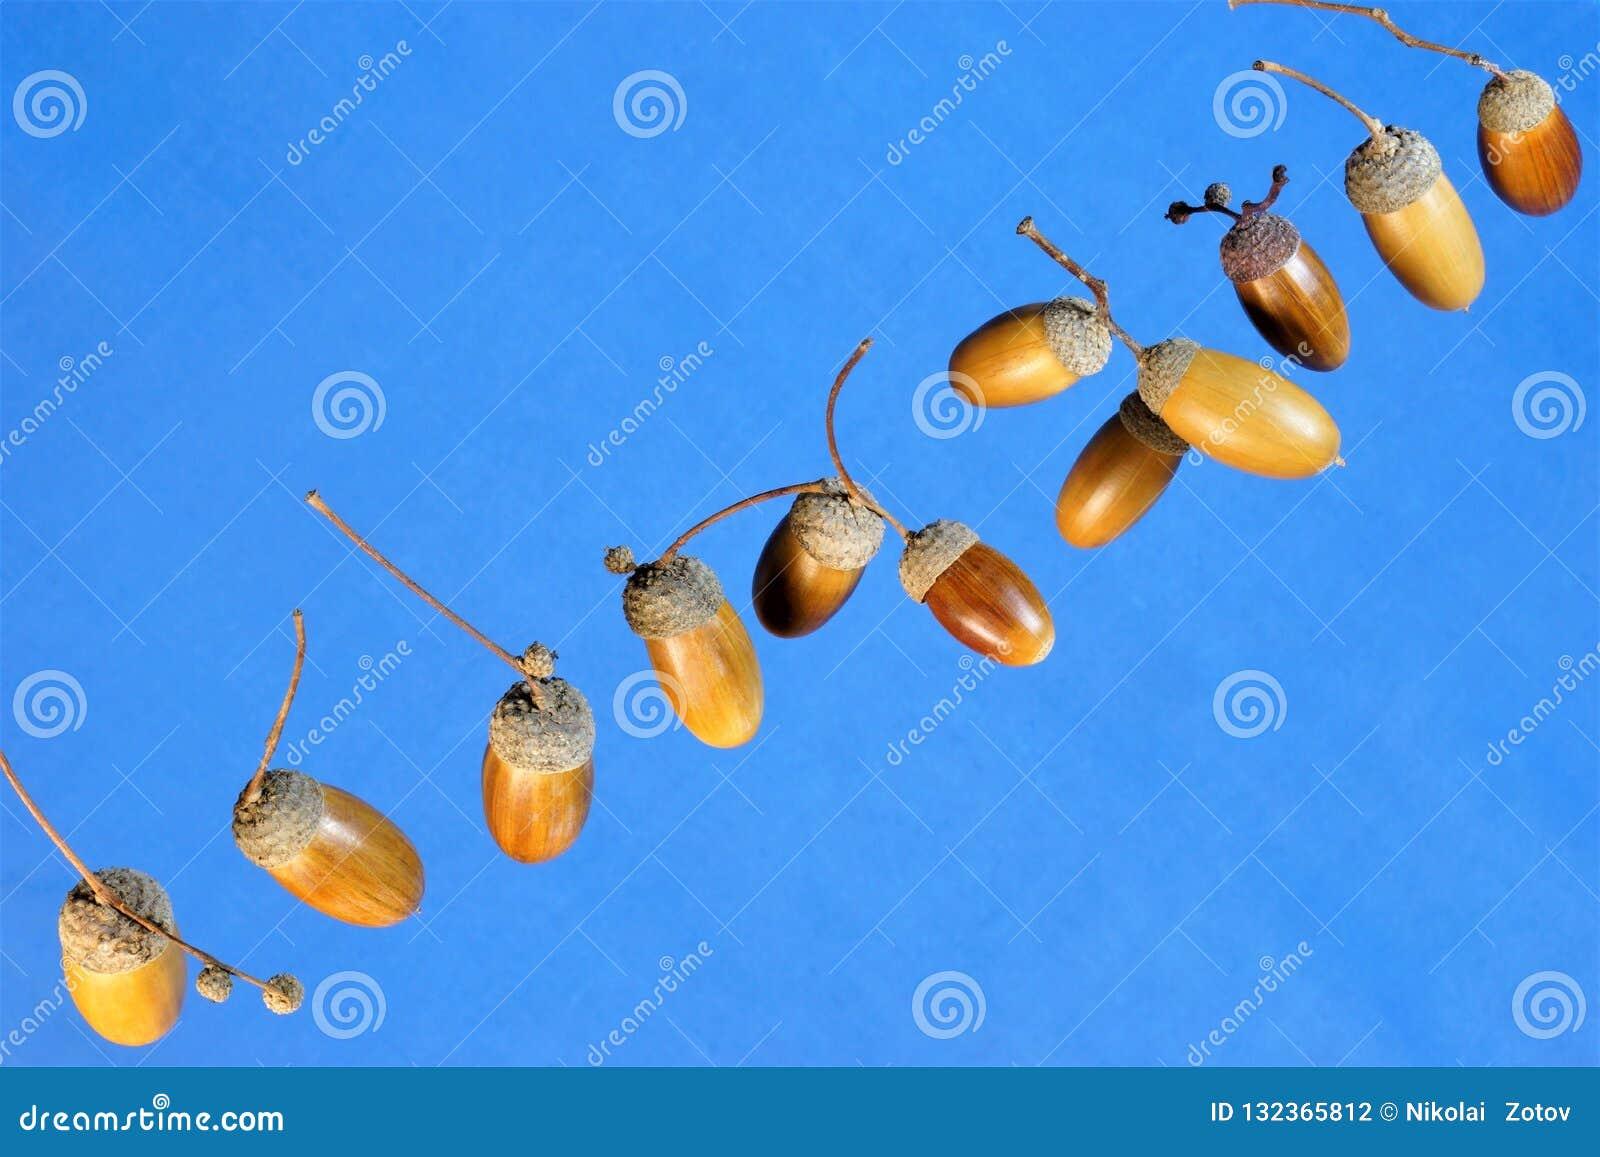 Le gland est le fruit du chêne puissant contre le ciel bleu, la famille de hêtre